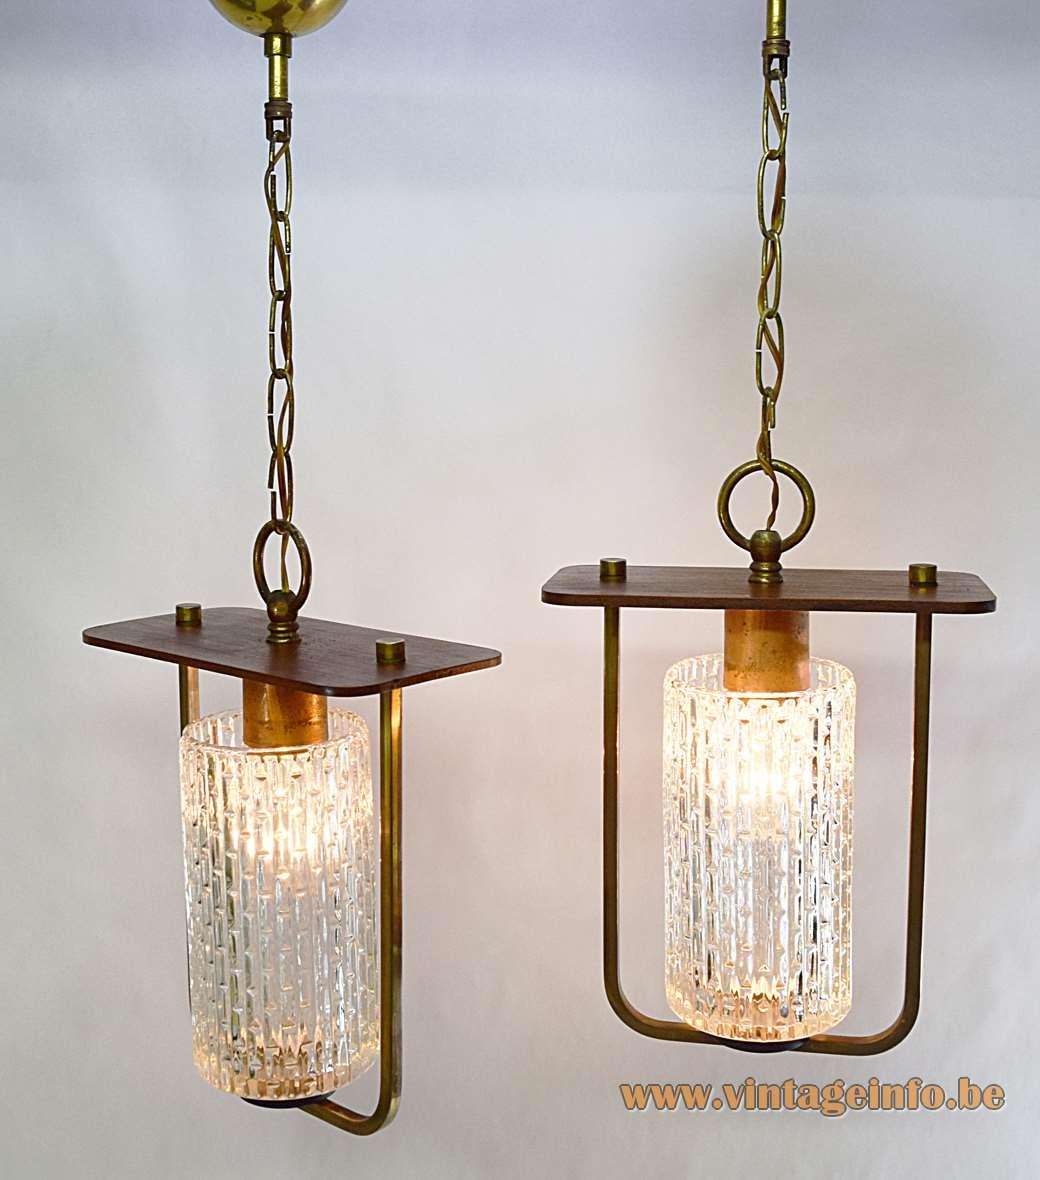 1950s Pendant Lamps